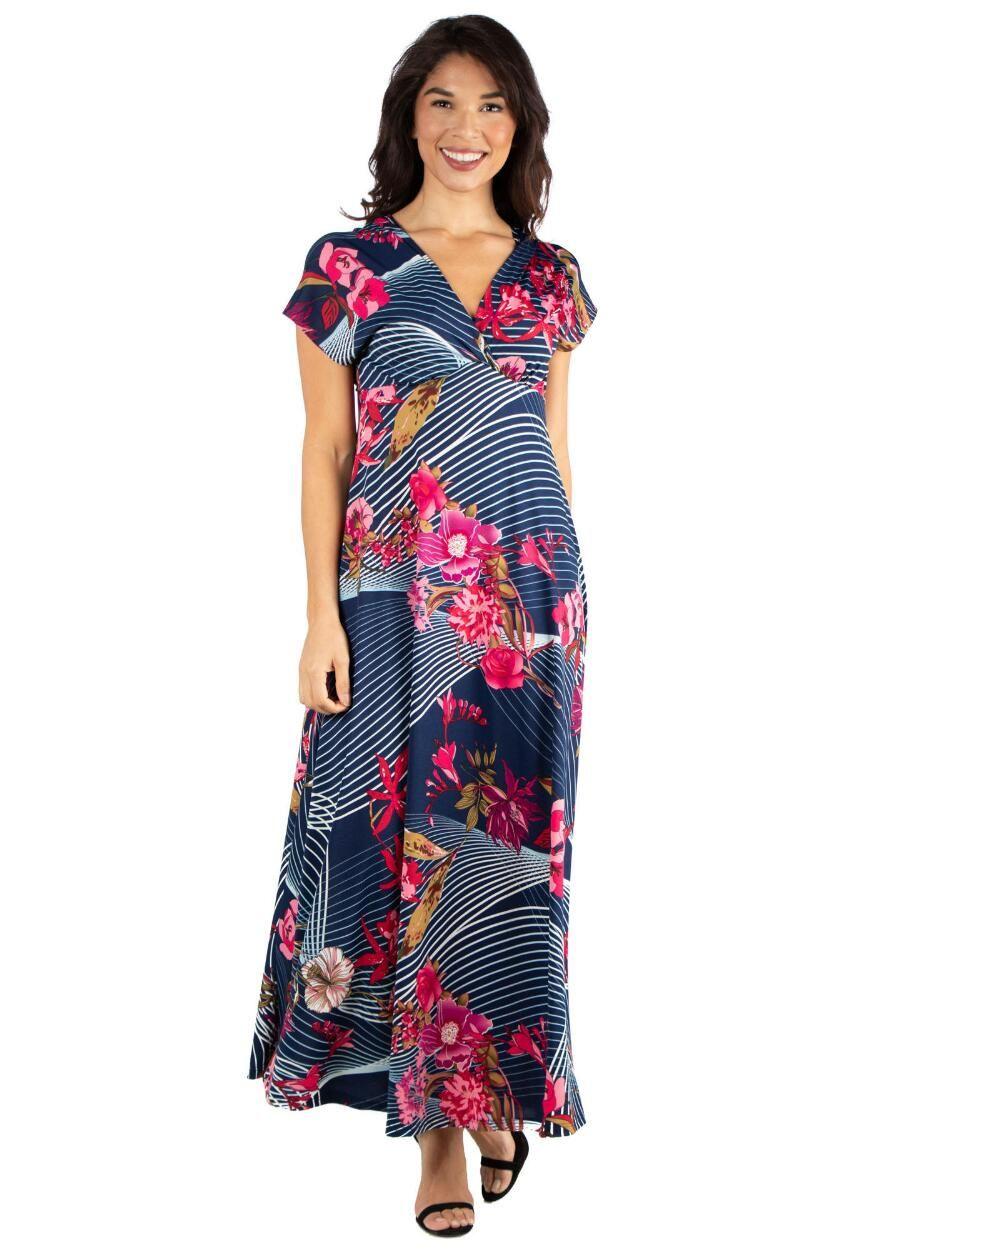 24seven Comfort Apparel Floral Empire Waist V Neck Maxi Dress Xl Maxi Dress Floral Maxi Dress Occasion Maxi Dresses [ 1250 x 1000 Pixel ]